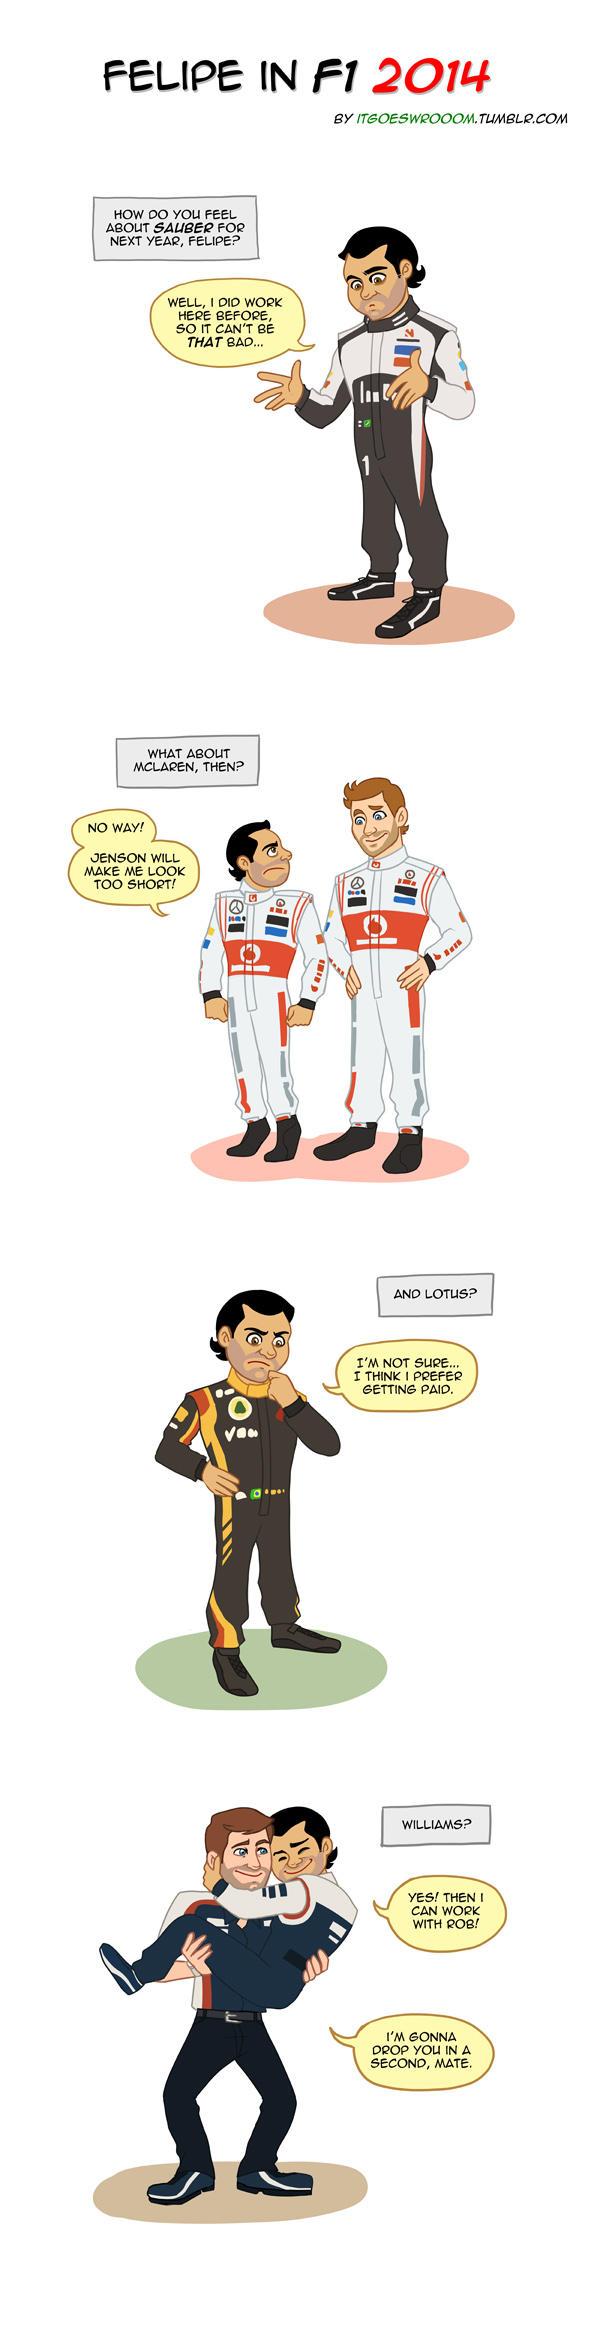 Felipe in F1 2014 by xelanelho